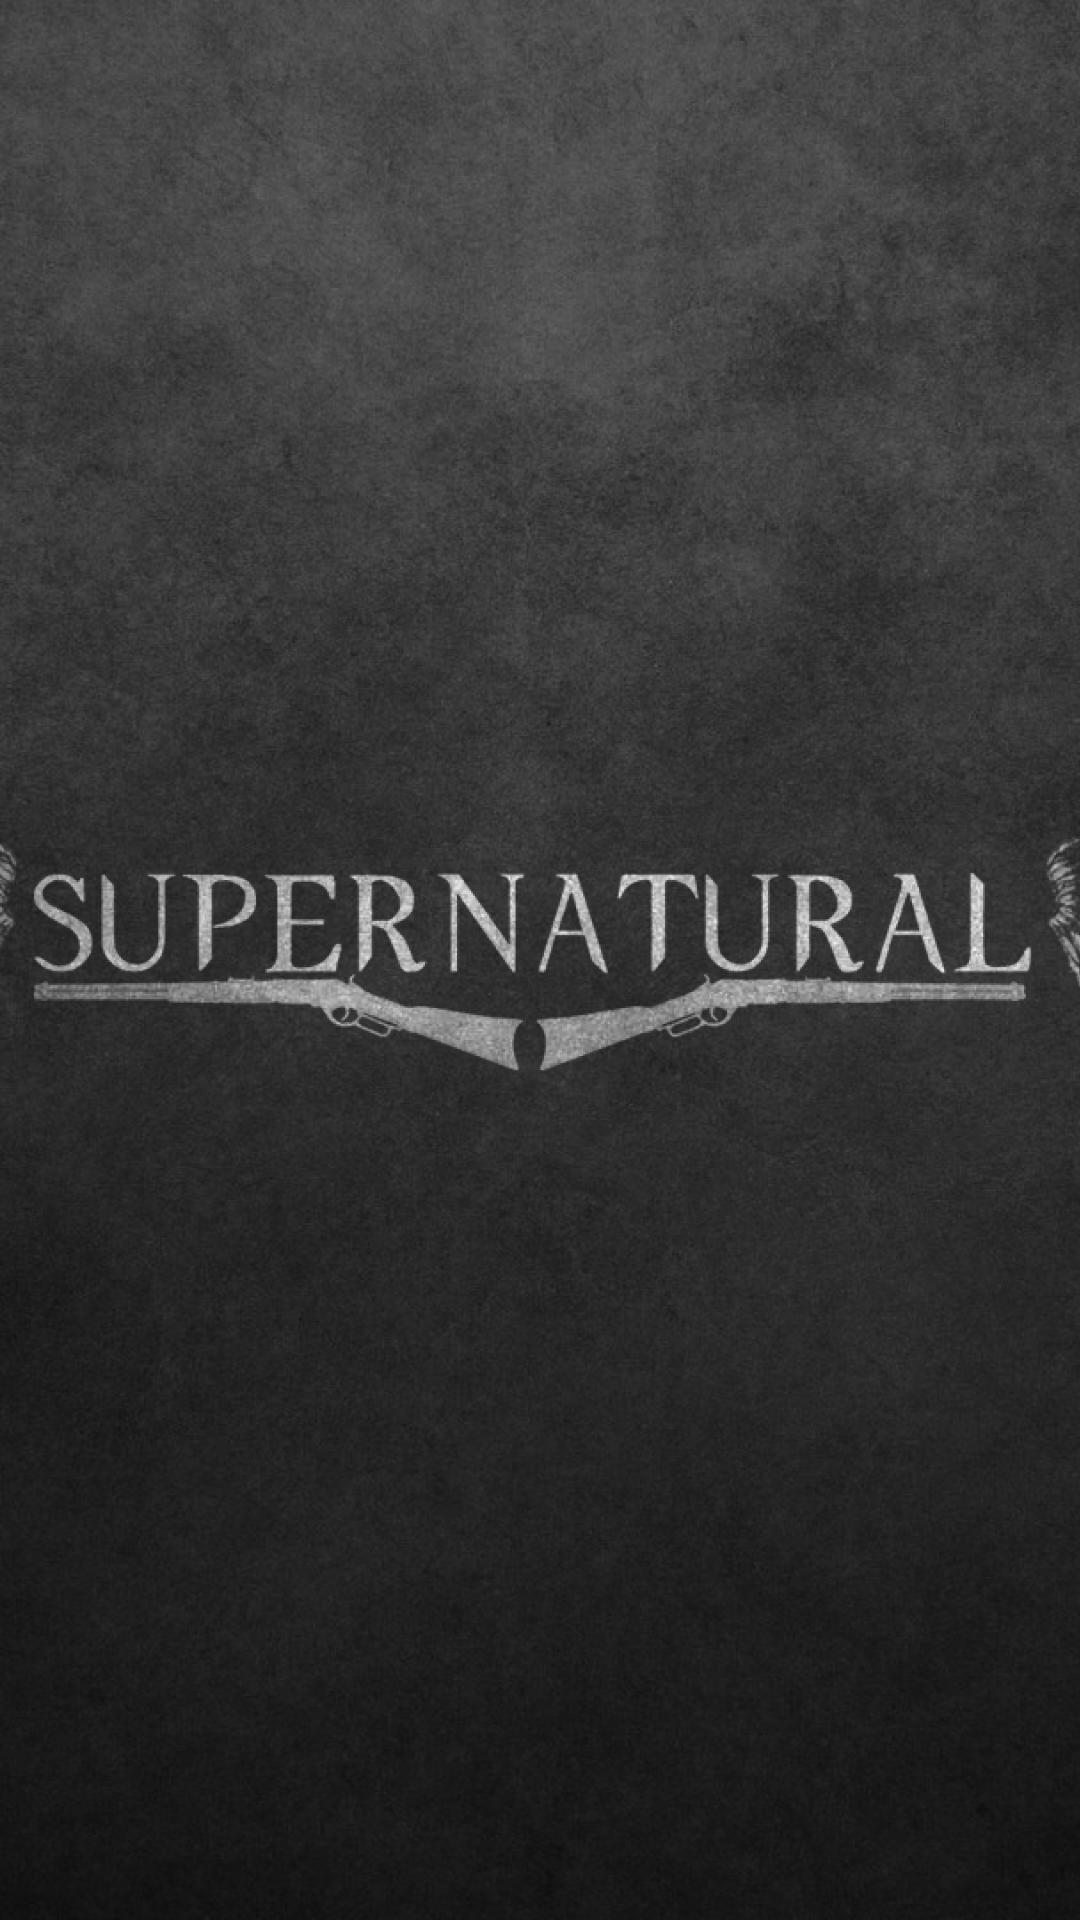 Supernatural Wallpaper Tumblr Google Da Ara Supernatural